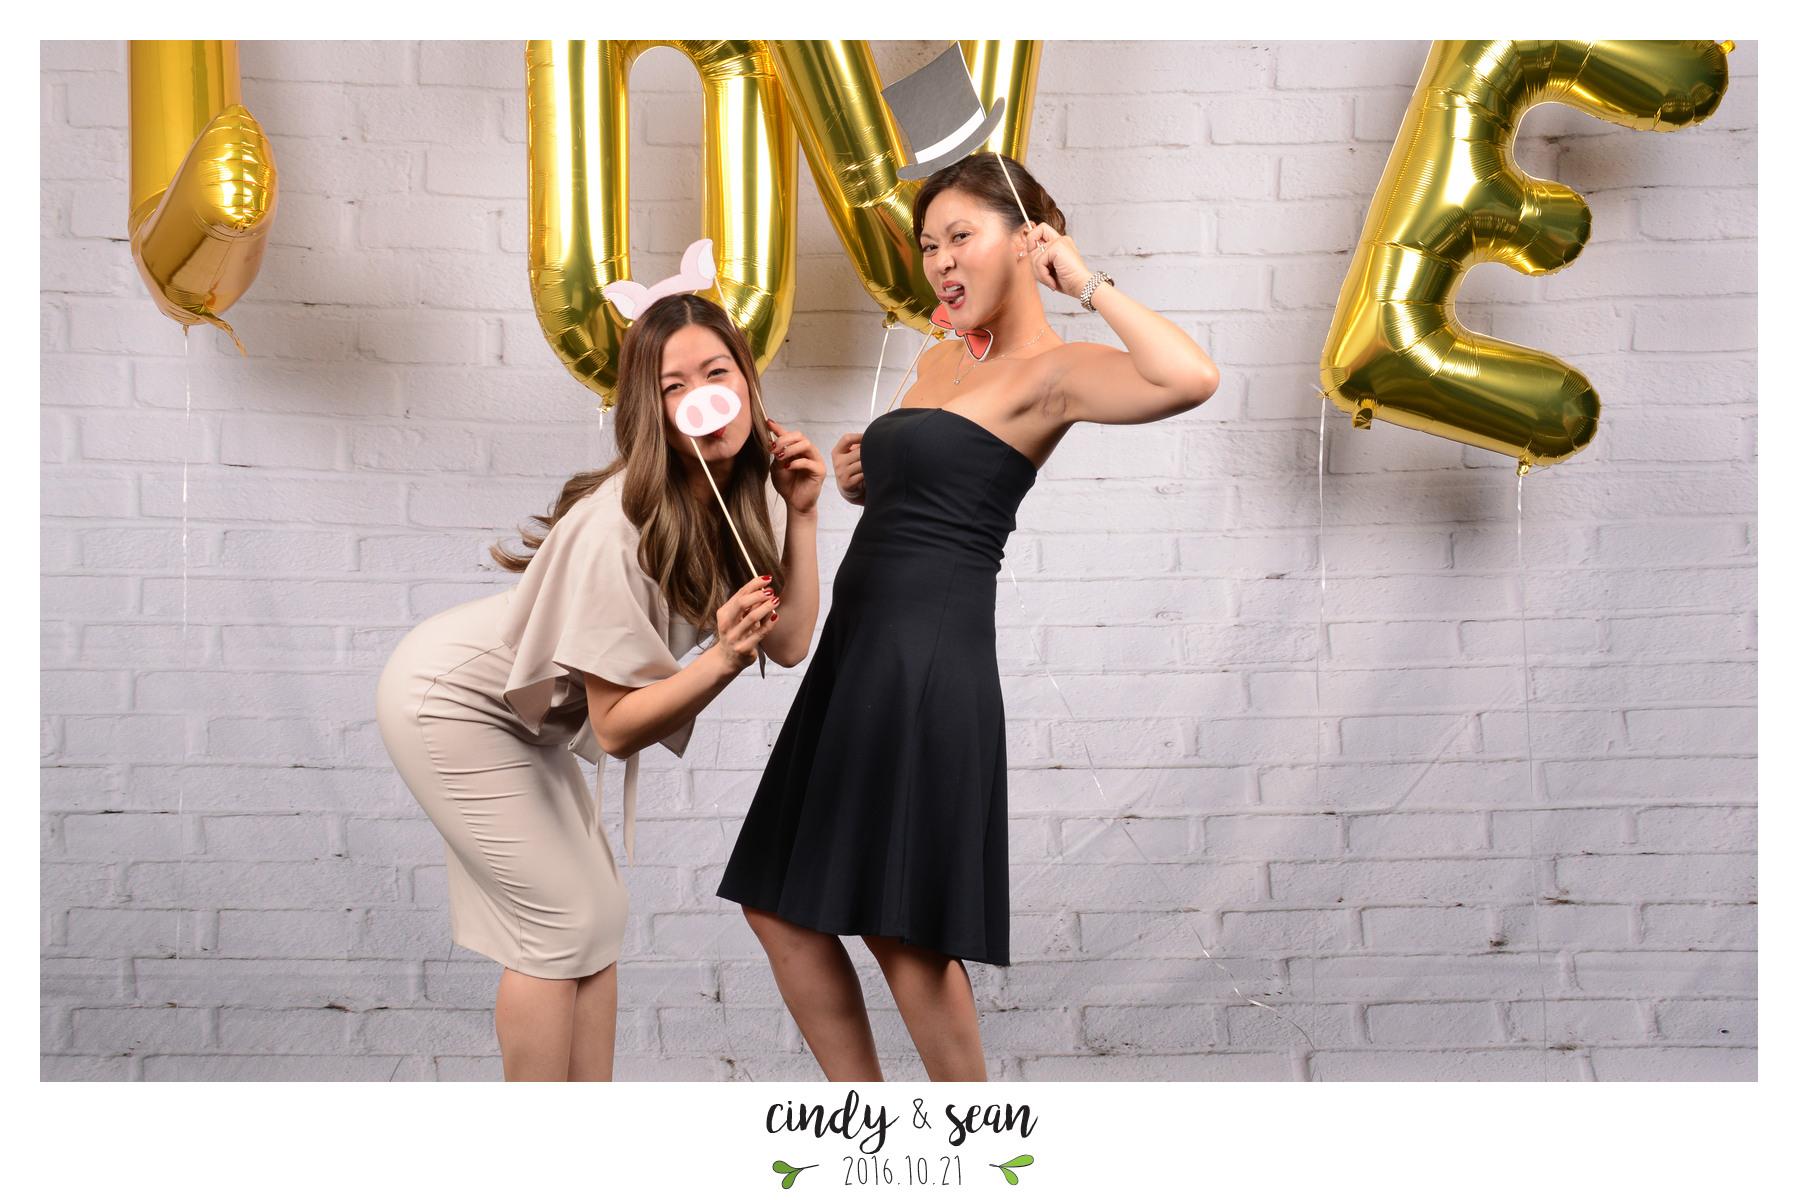 Cindy Sean Bae - 0001-106.jpg